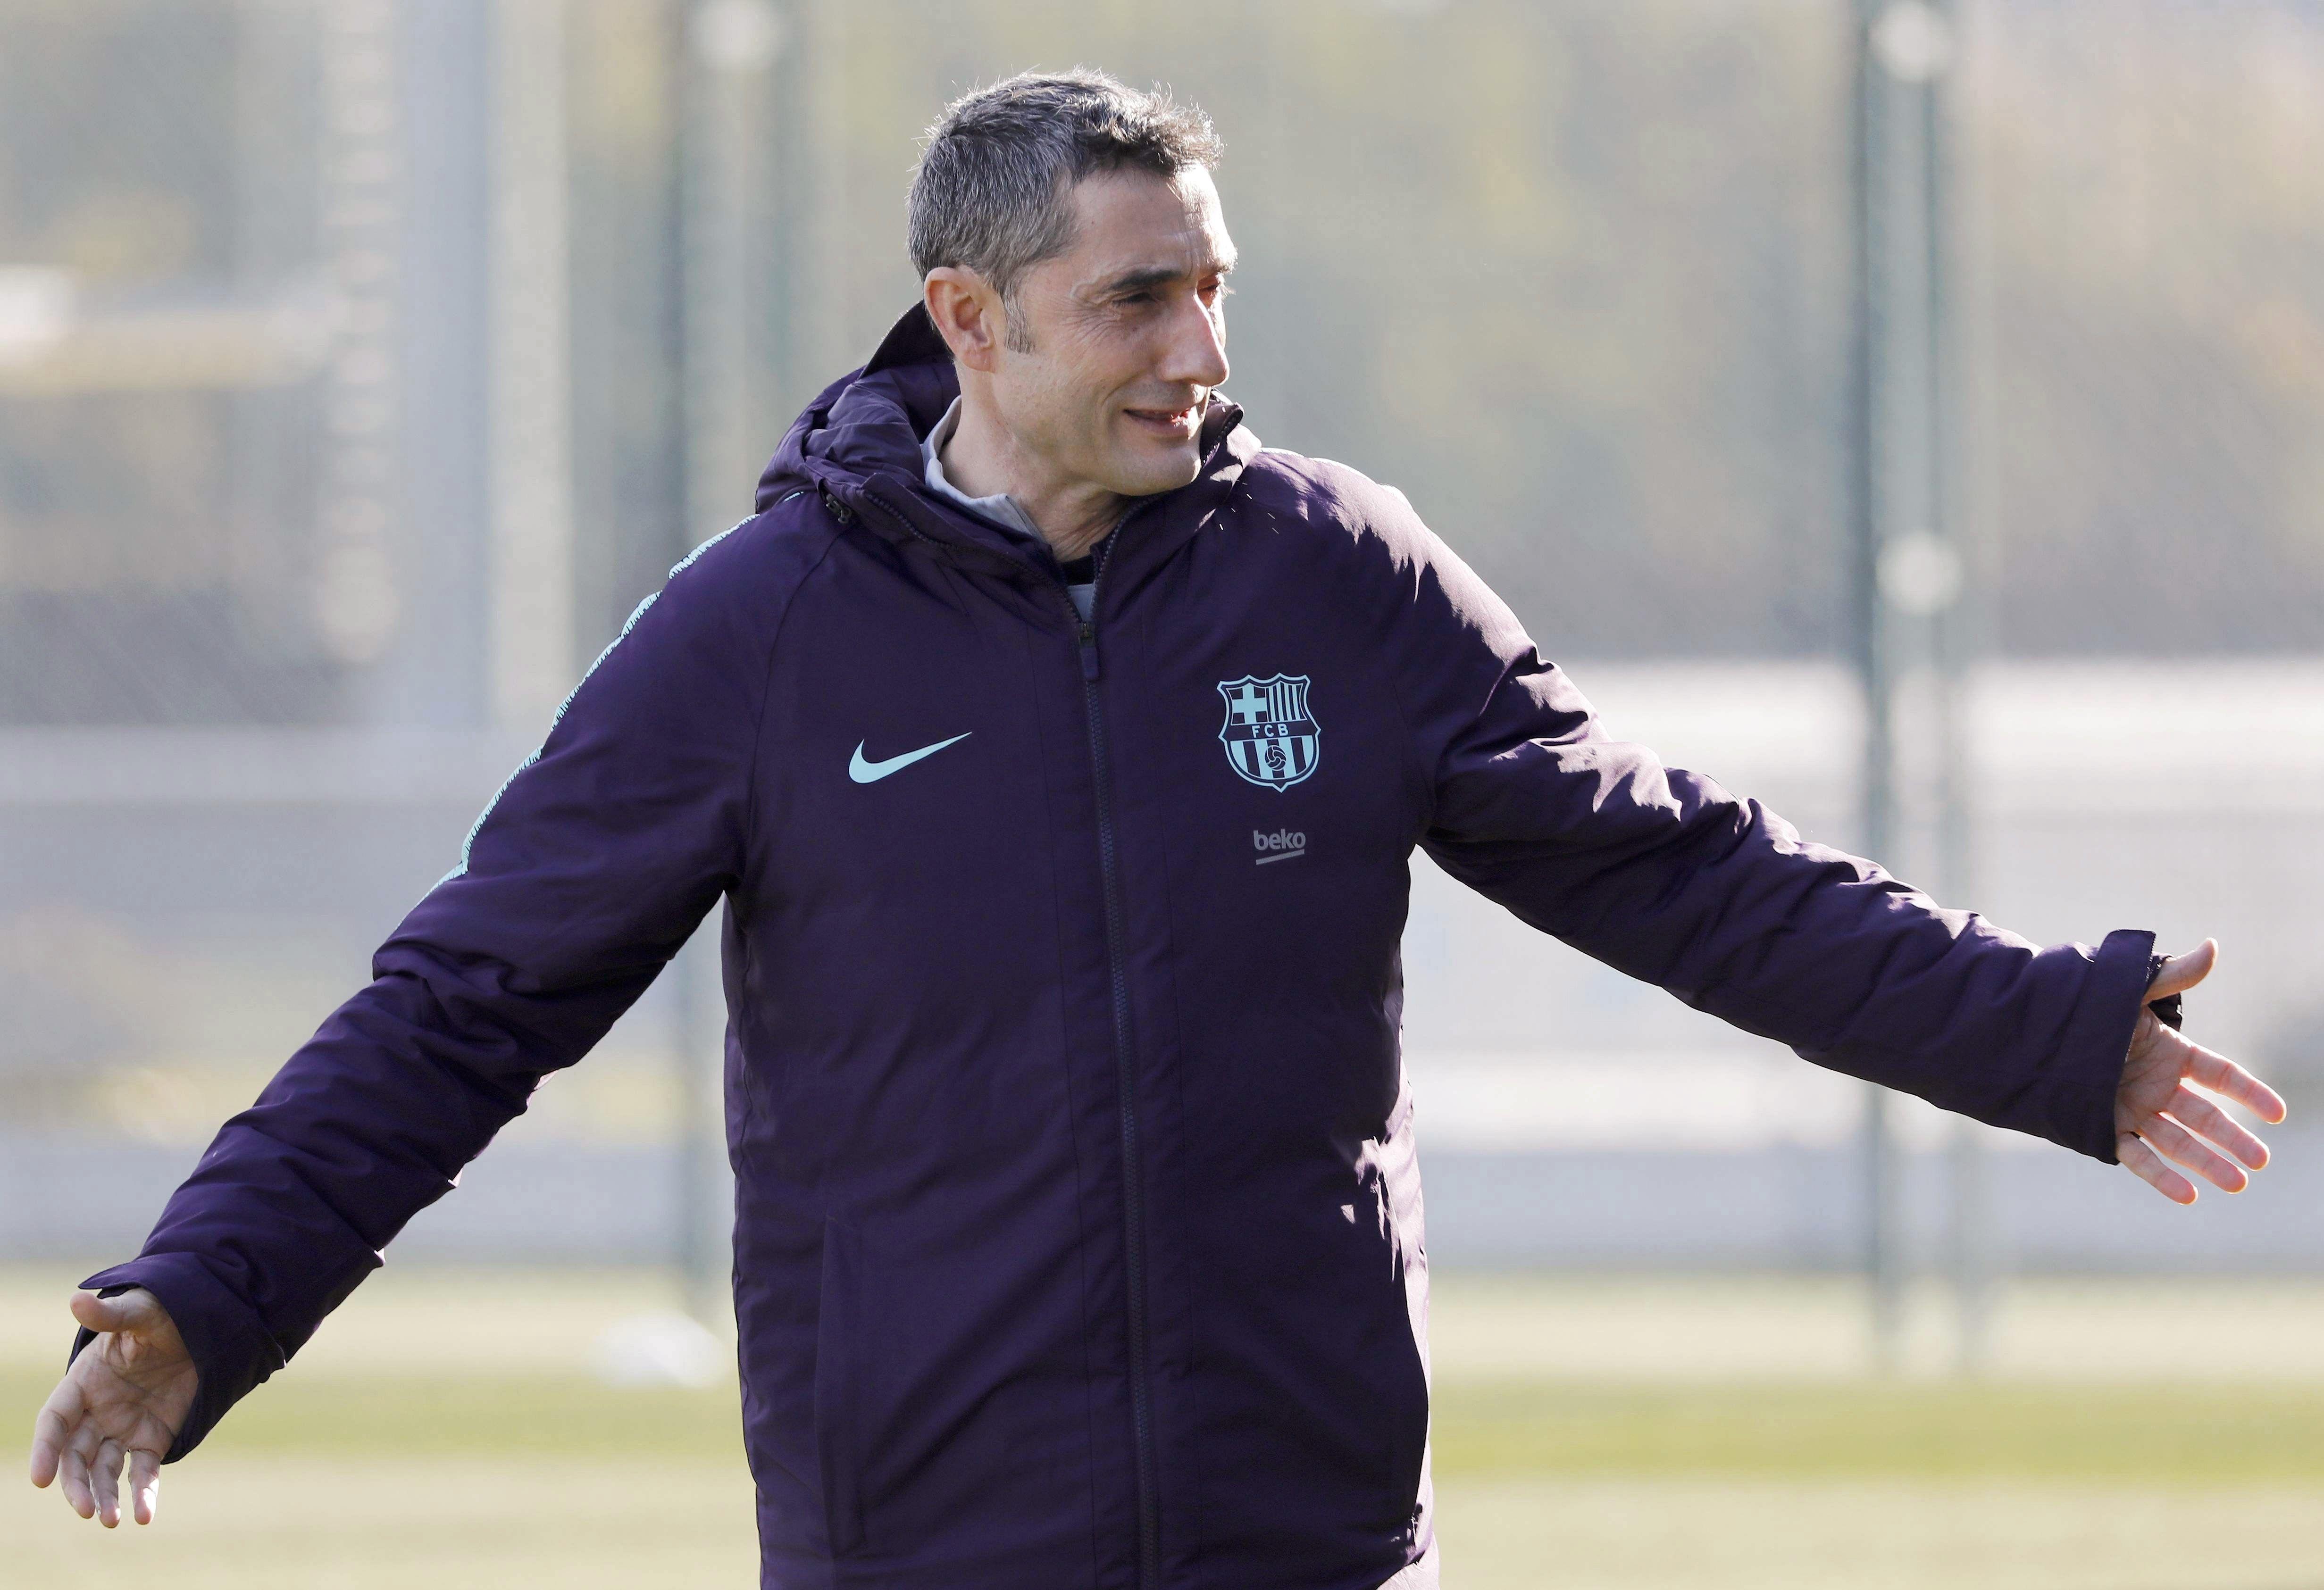 El entrenador del FC Barcelona, Ernesto Valverde, durante la sesión preparatoria realizada esta mañana en la ciudad deportiva del club. (Foto Prensa Libre: EFE)